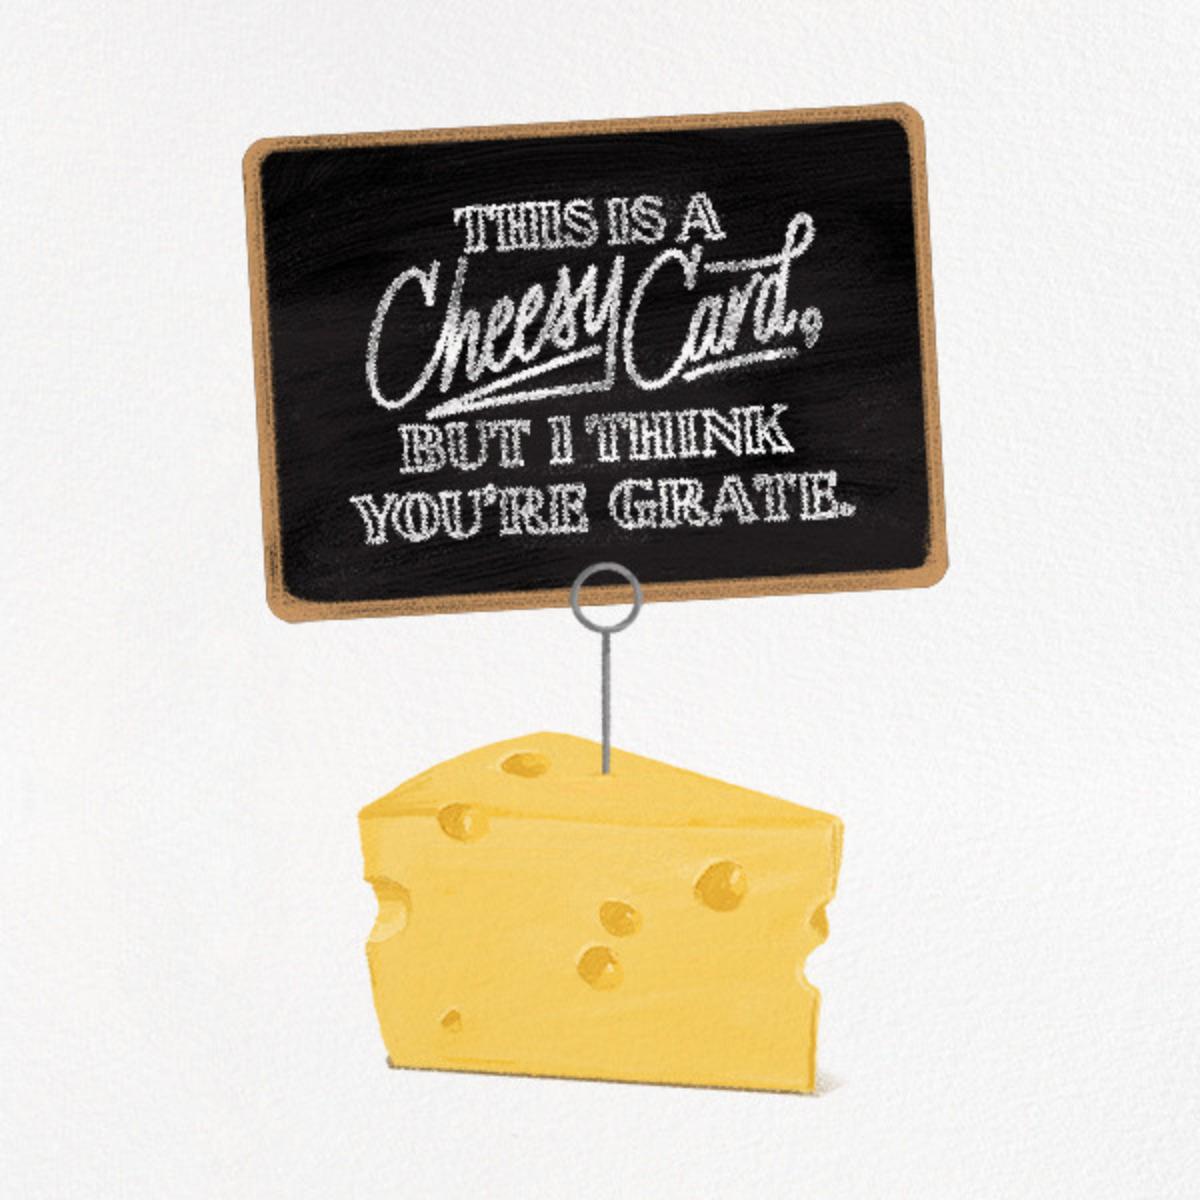 A Cheesy Card - Derek Blasberg